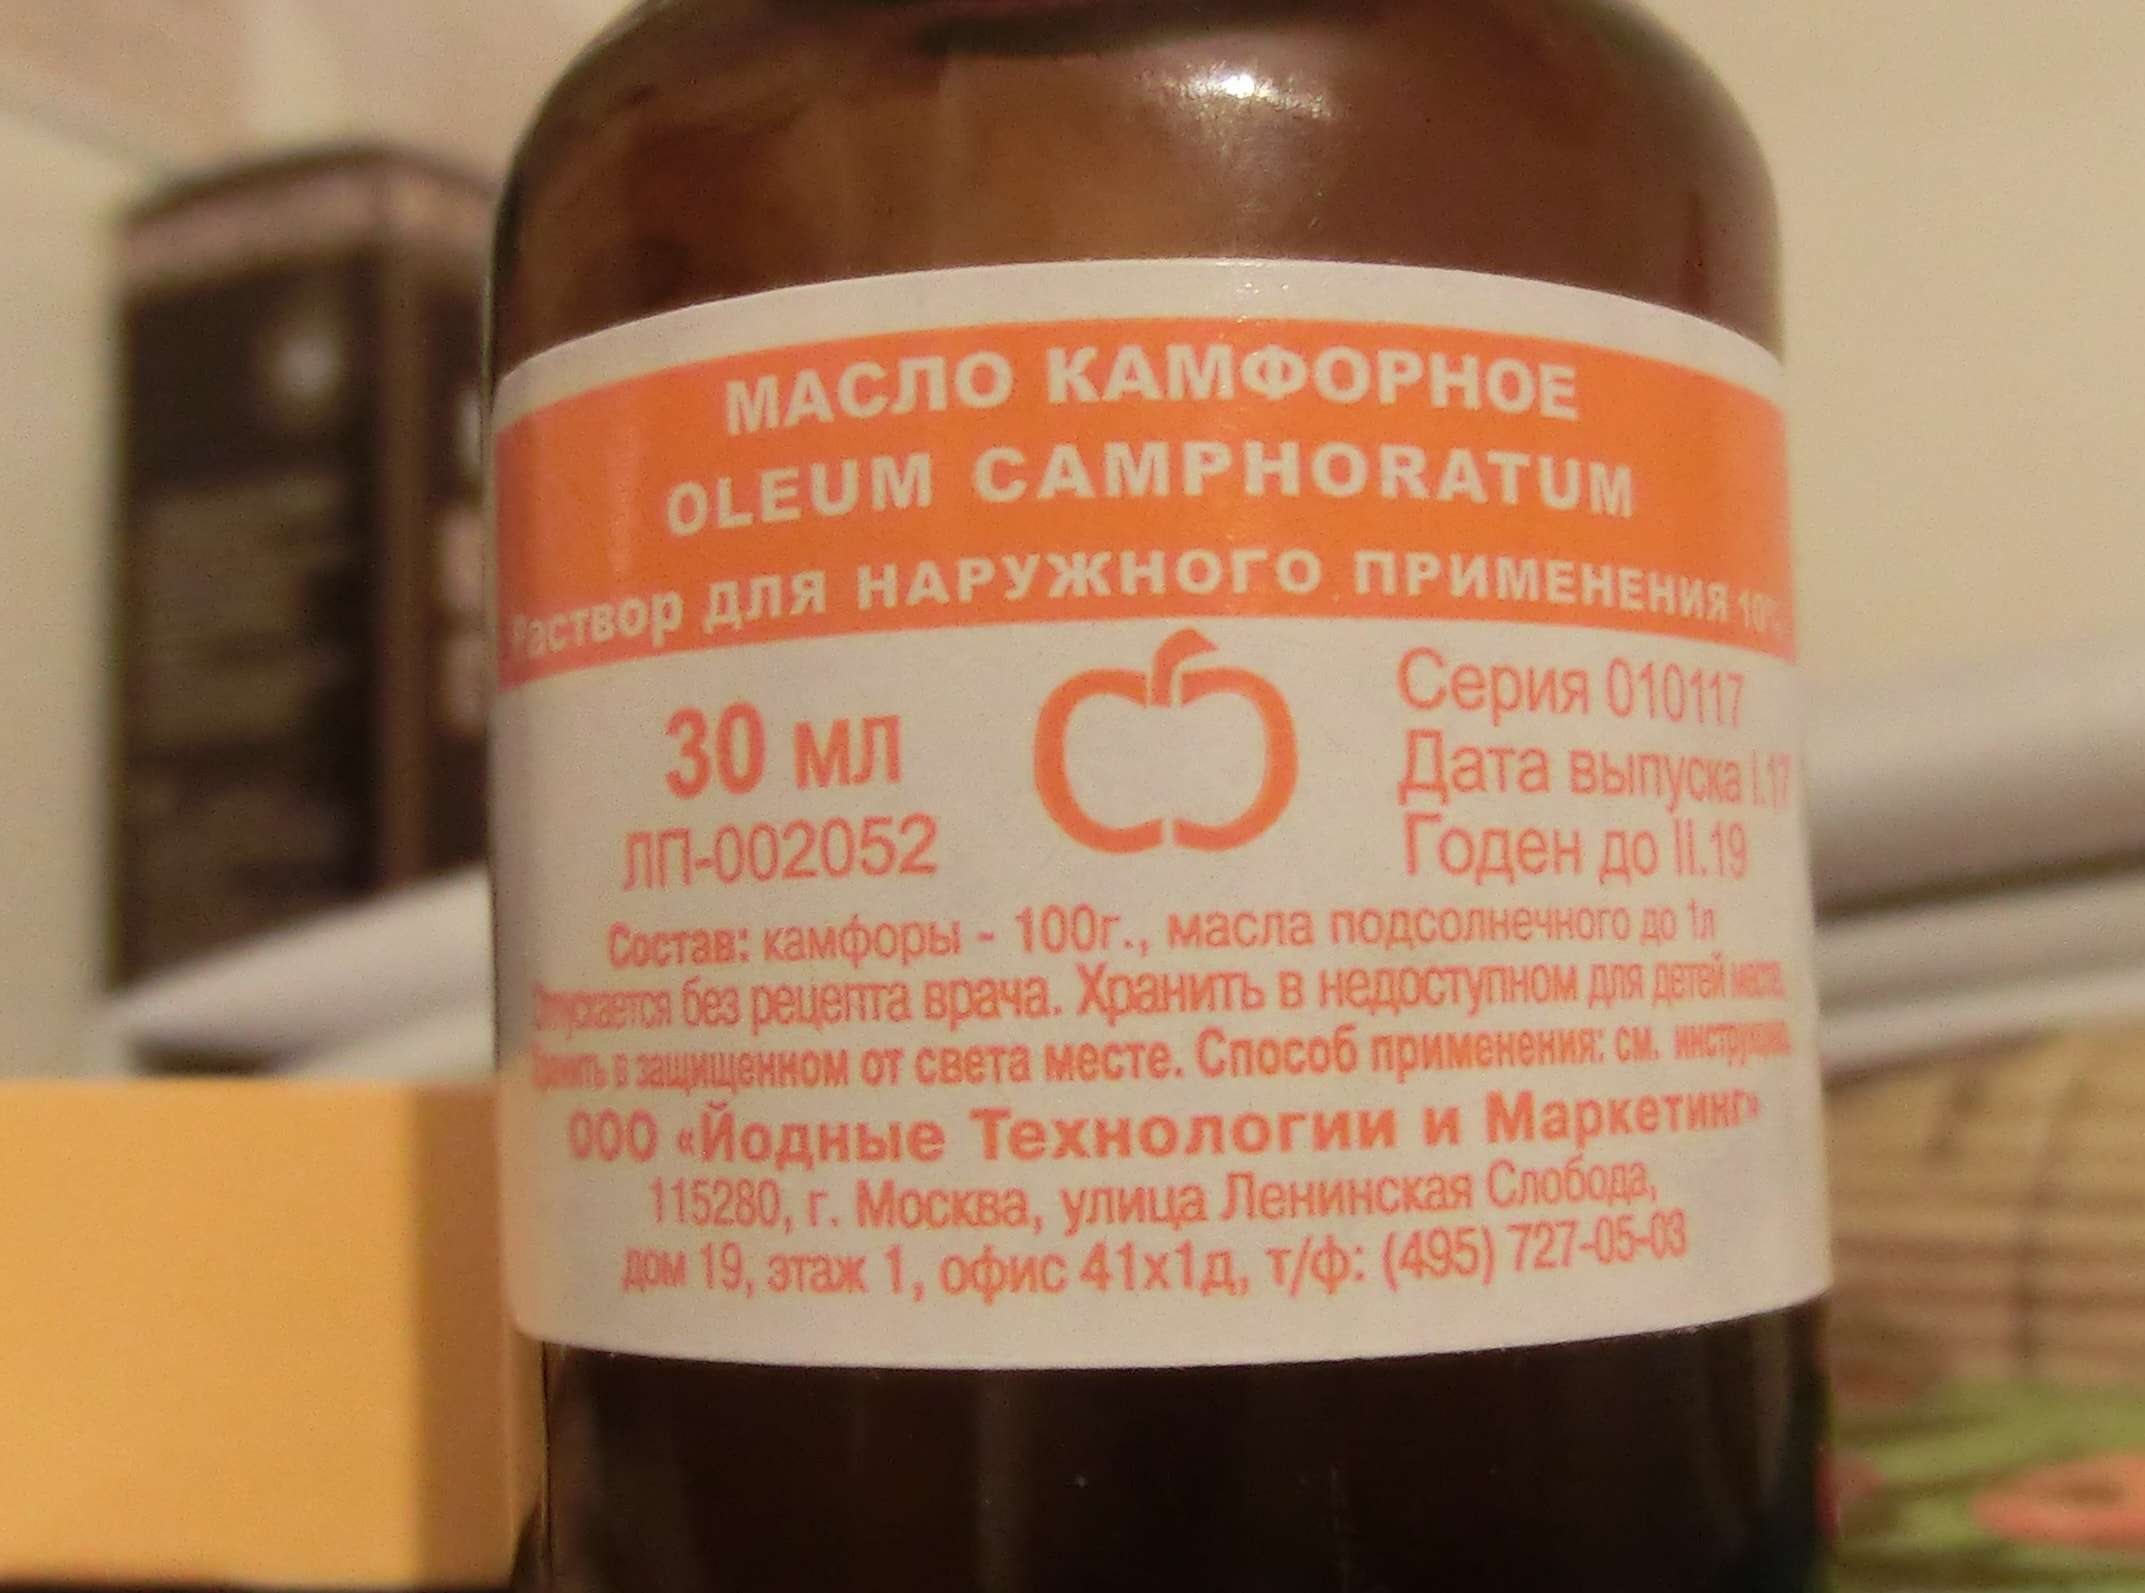 Камфорное масло: свойства и применение, состав, хемотипы